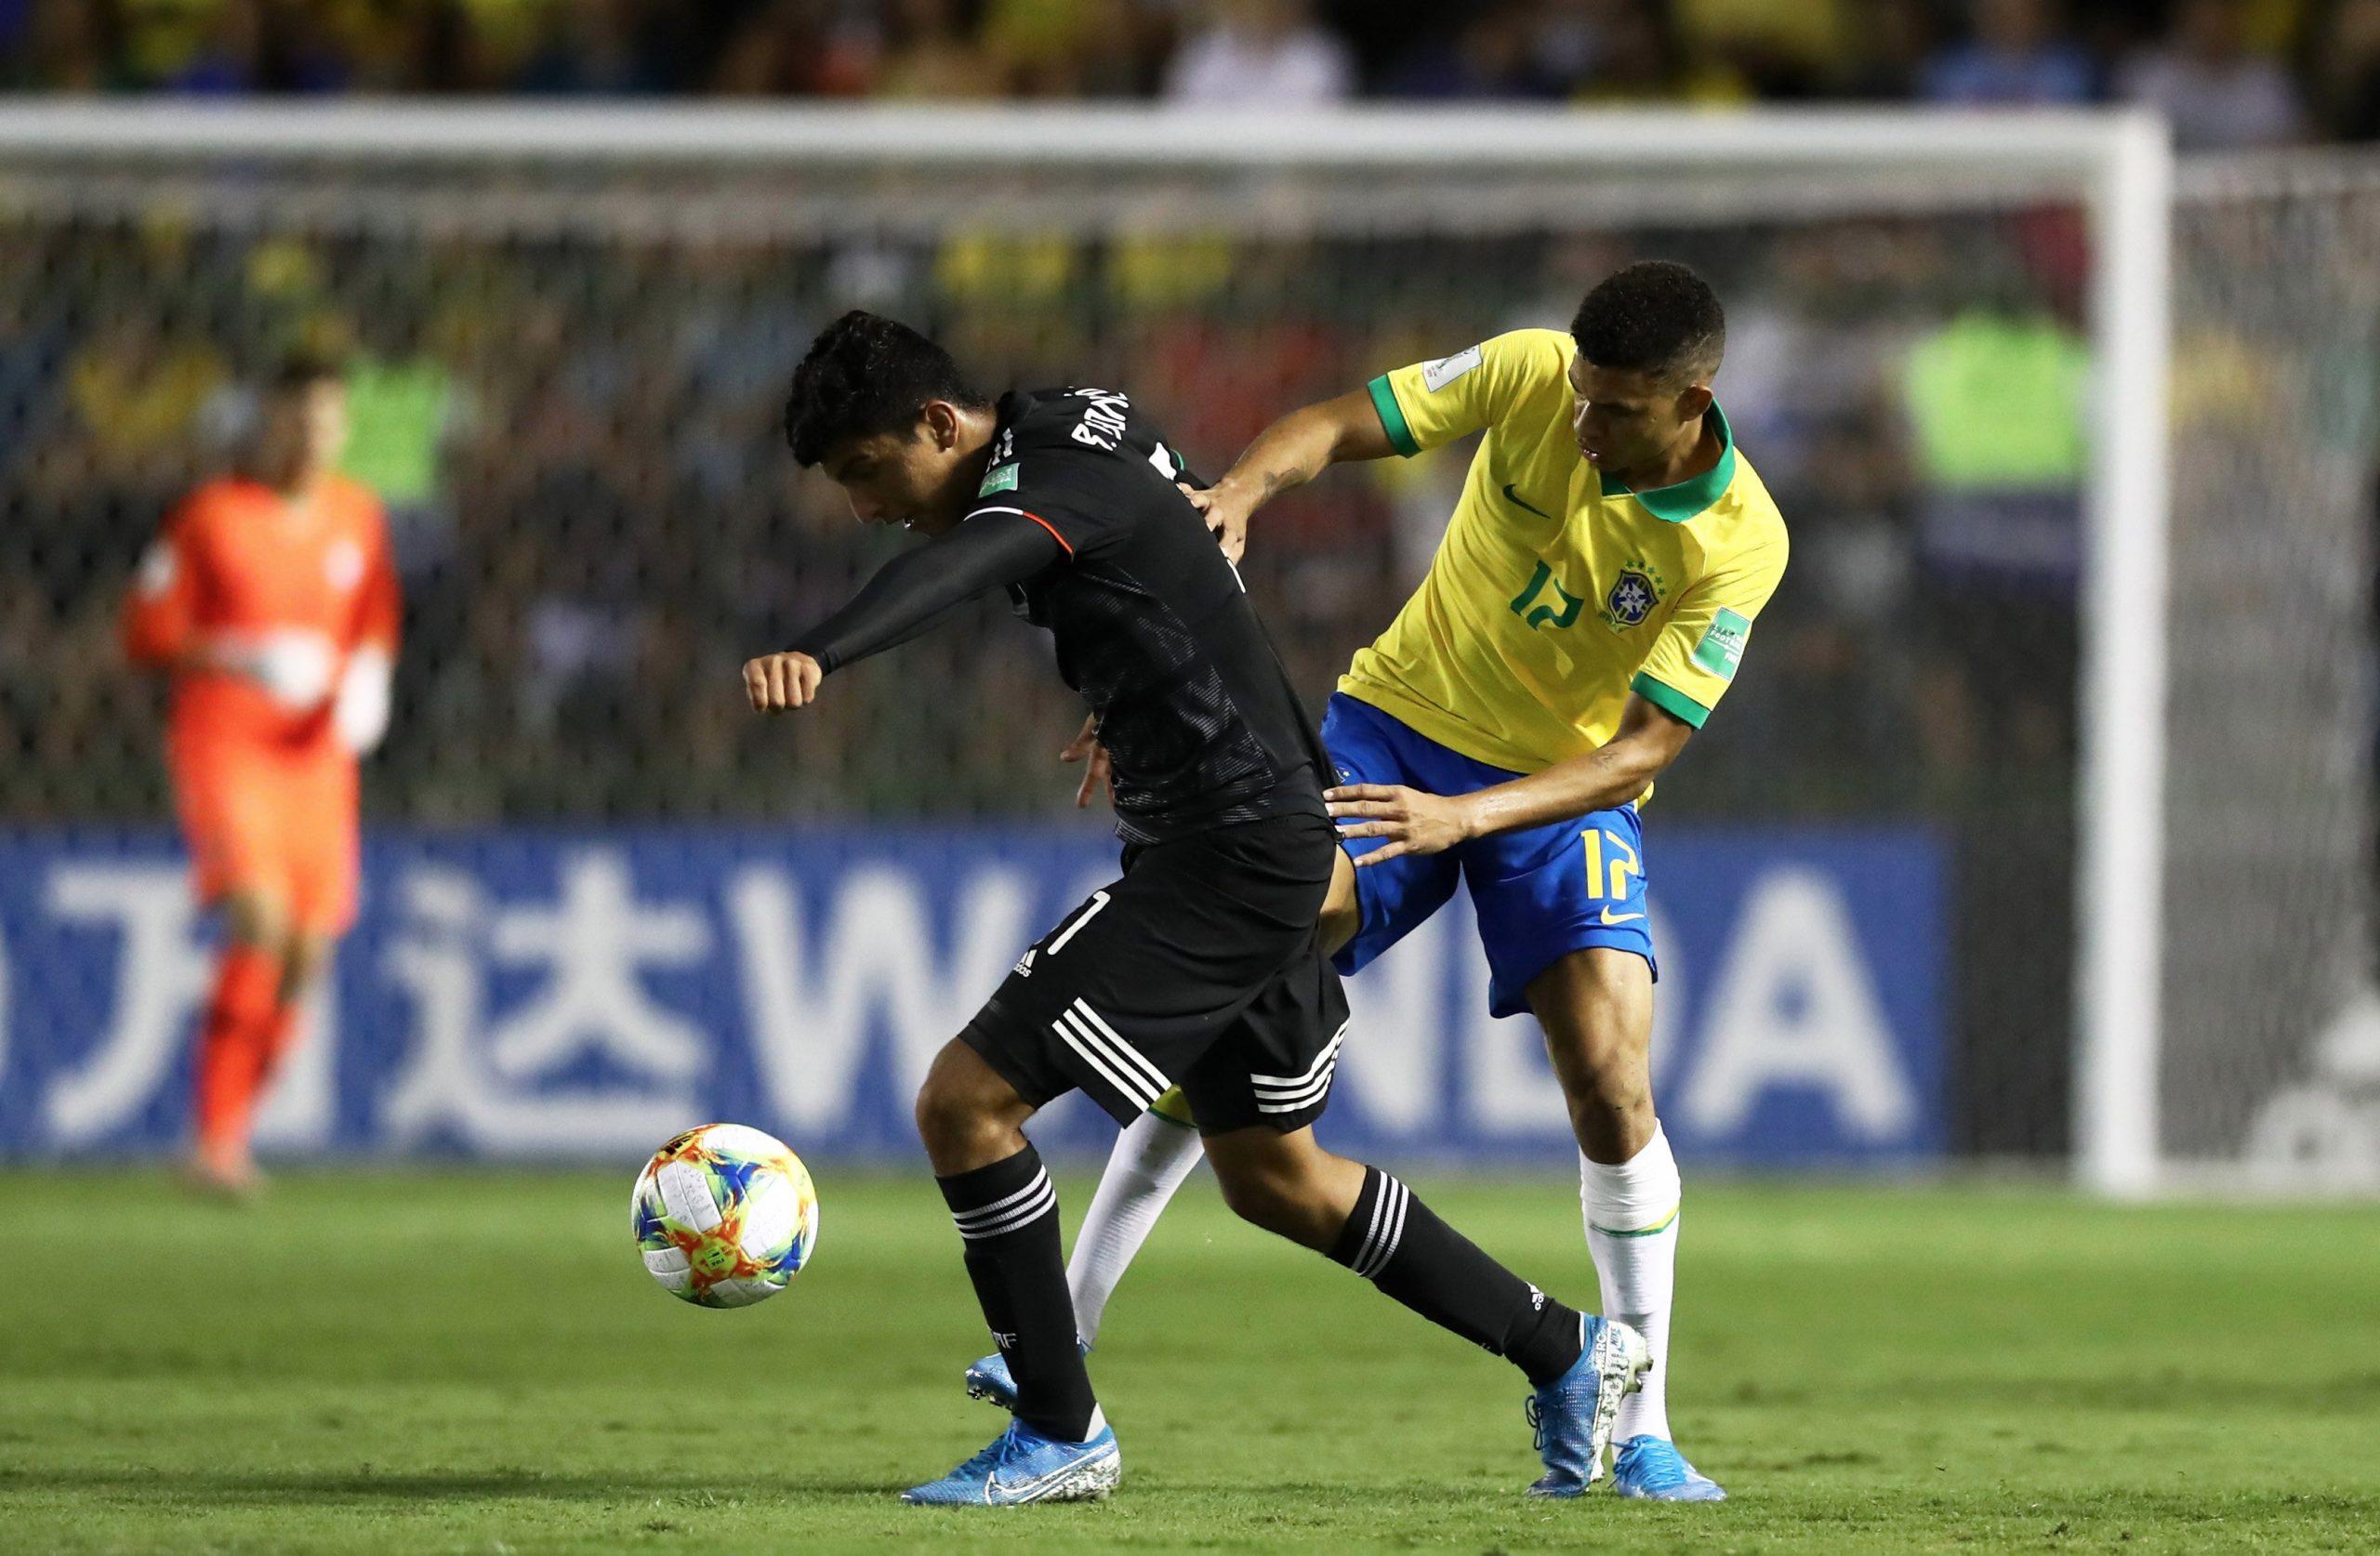 México cae 2-1 contra Brasil en final Sub-17 y reviven el #NoEraPenal